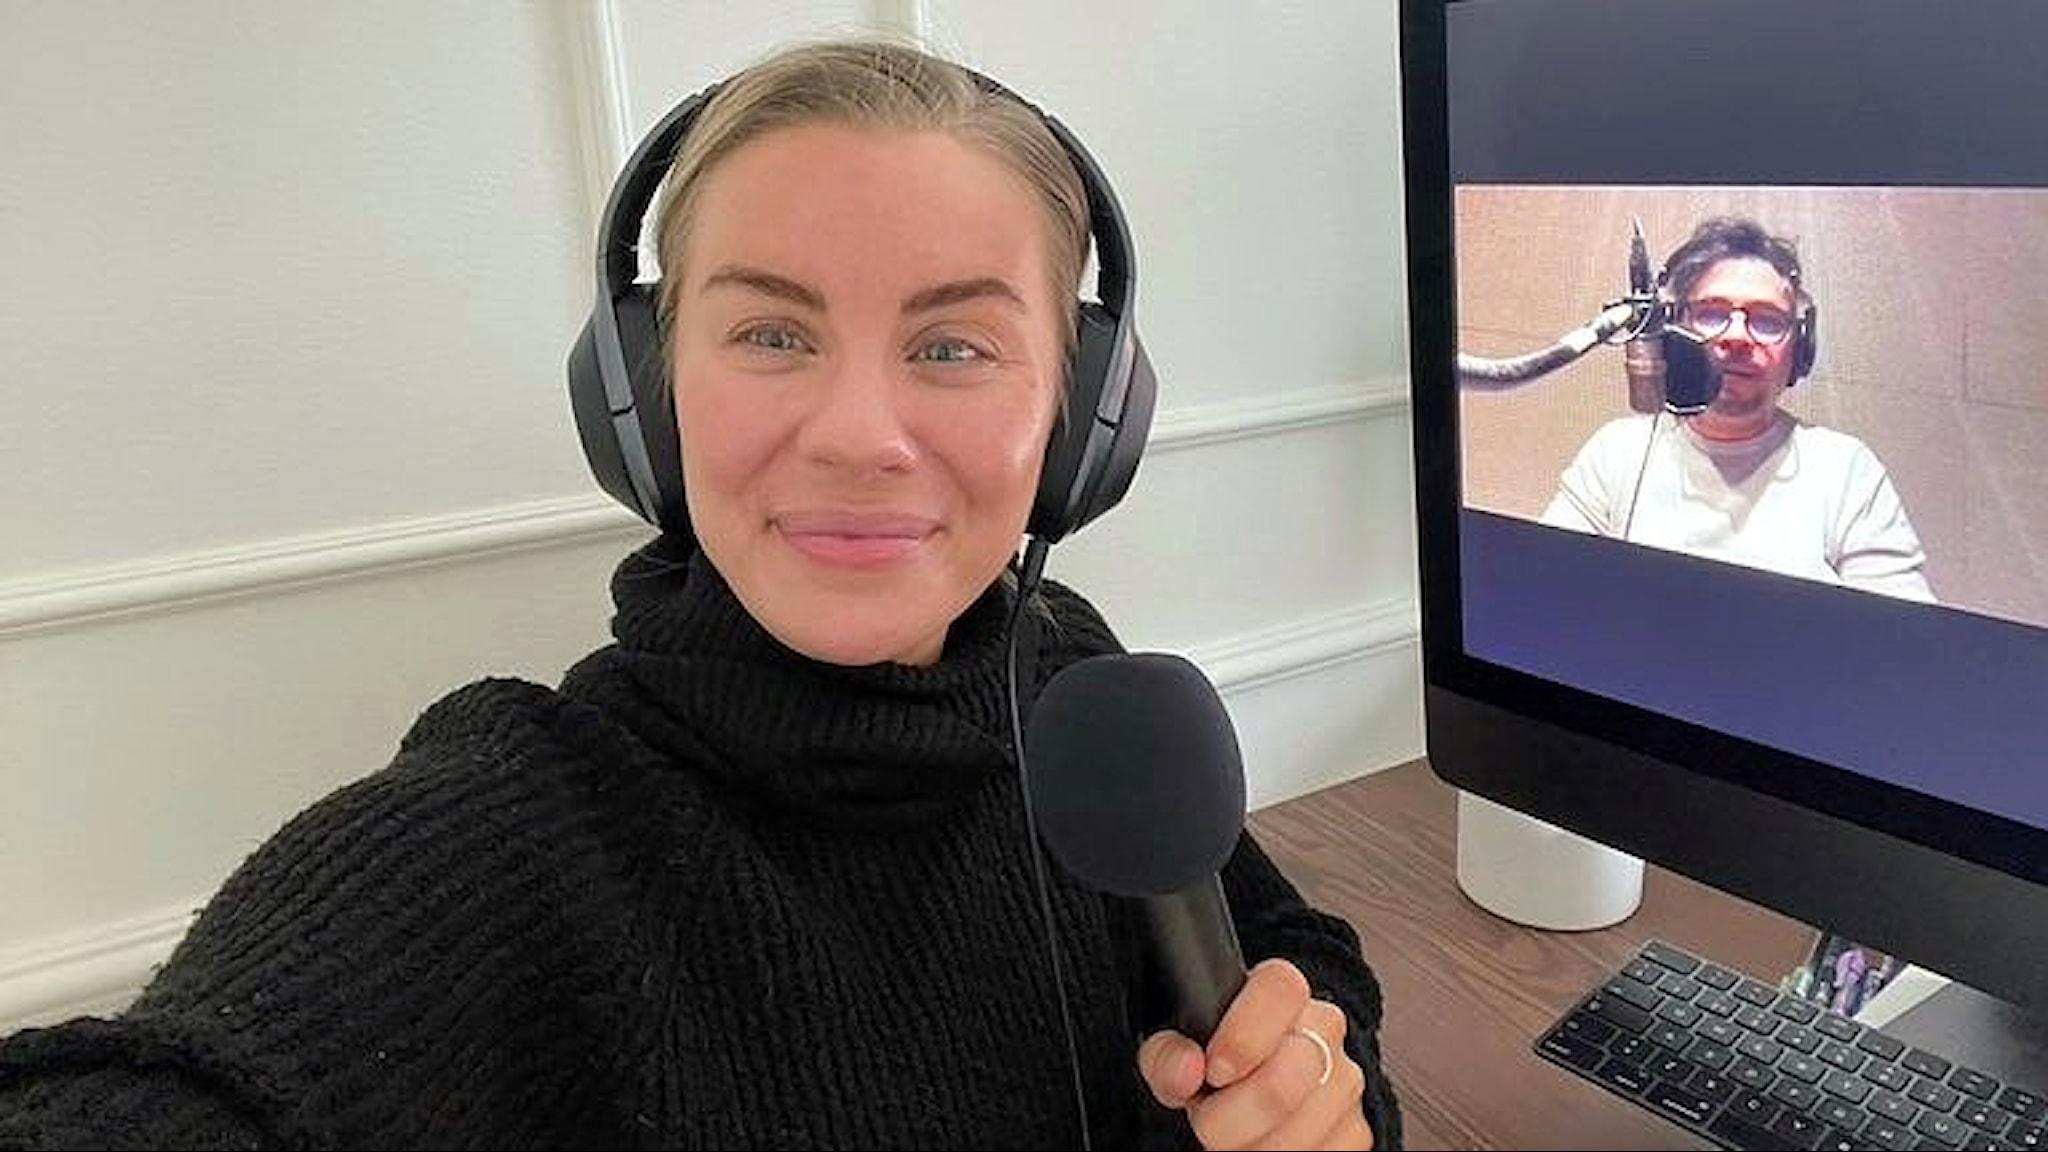 Therése Lindgren tar en bild på sig själv och sin dator och på datorn syns Martin Wicklin i ett videosamtal